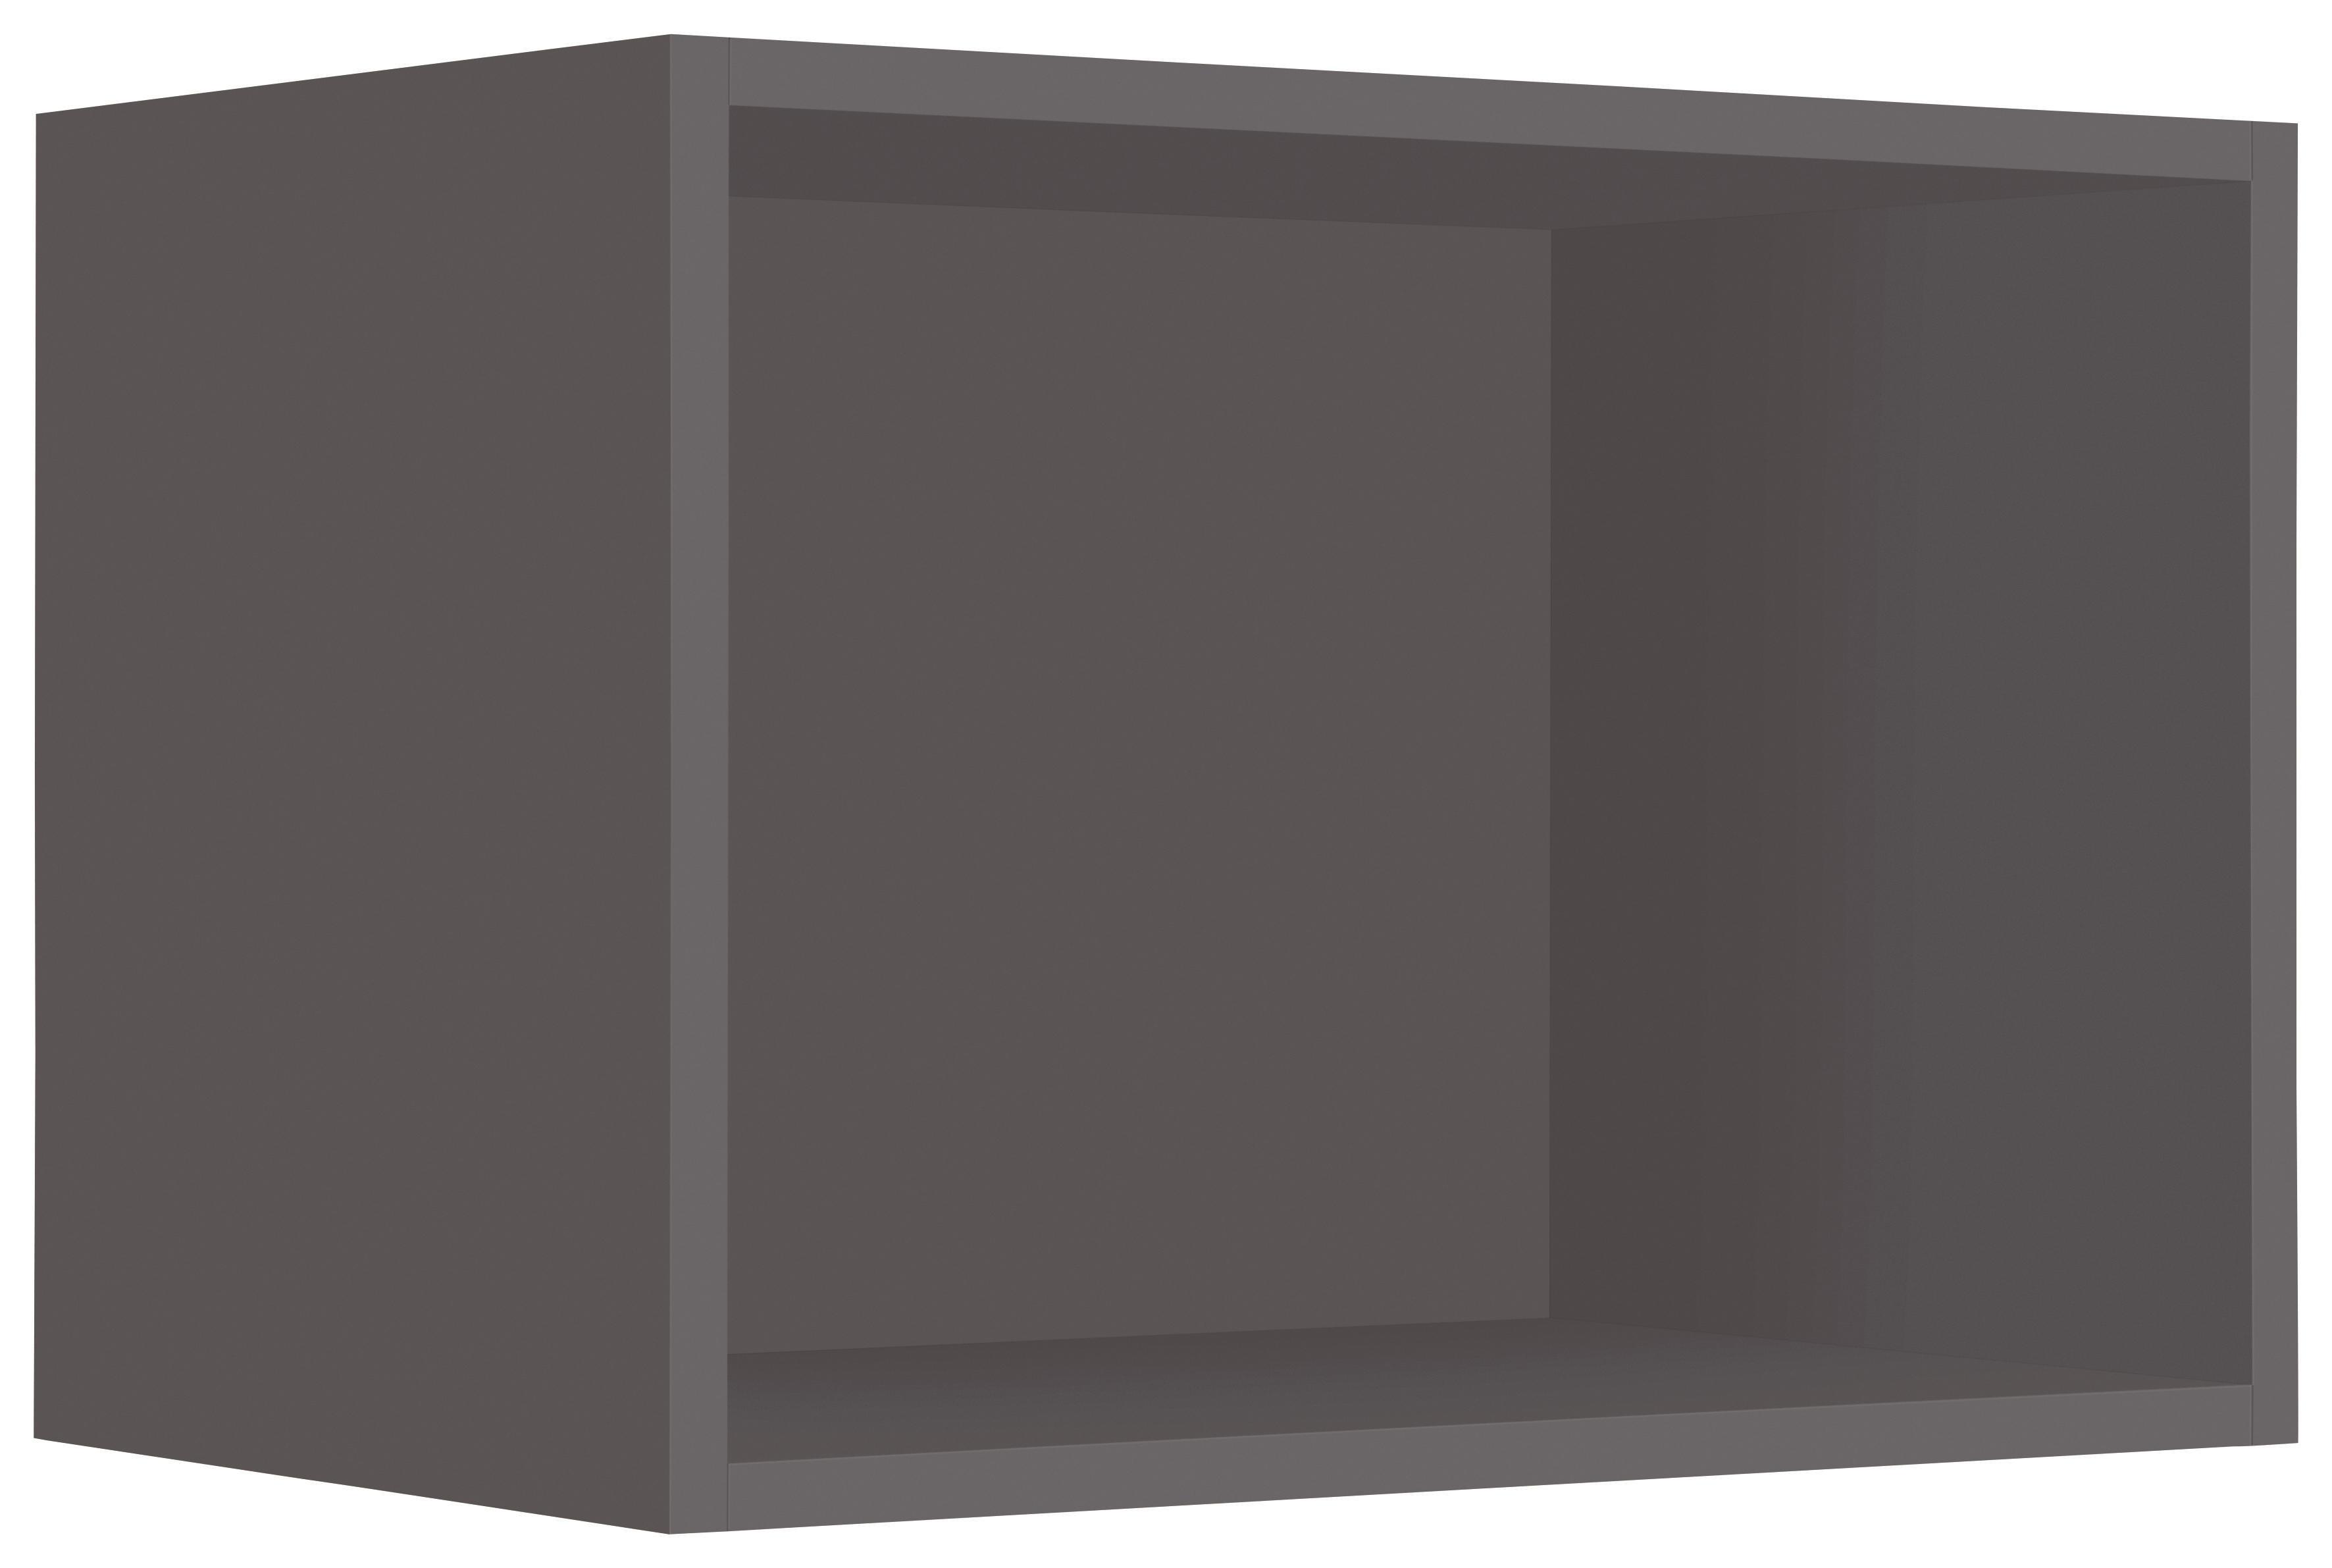 WIHO-Küchen Hängeregal »Flexi2«, Breite 50 cm | Küche und Esszimmer > Küchenregale > Küchen-Standregale | Grau | Melamin | WIHO KÜCHEN